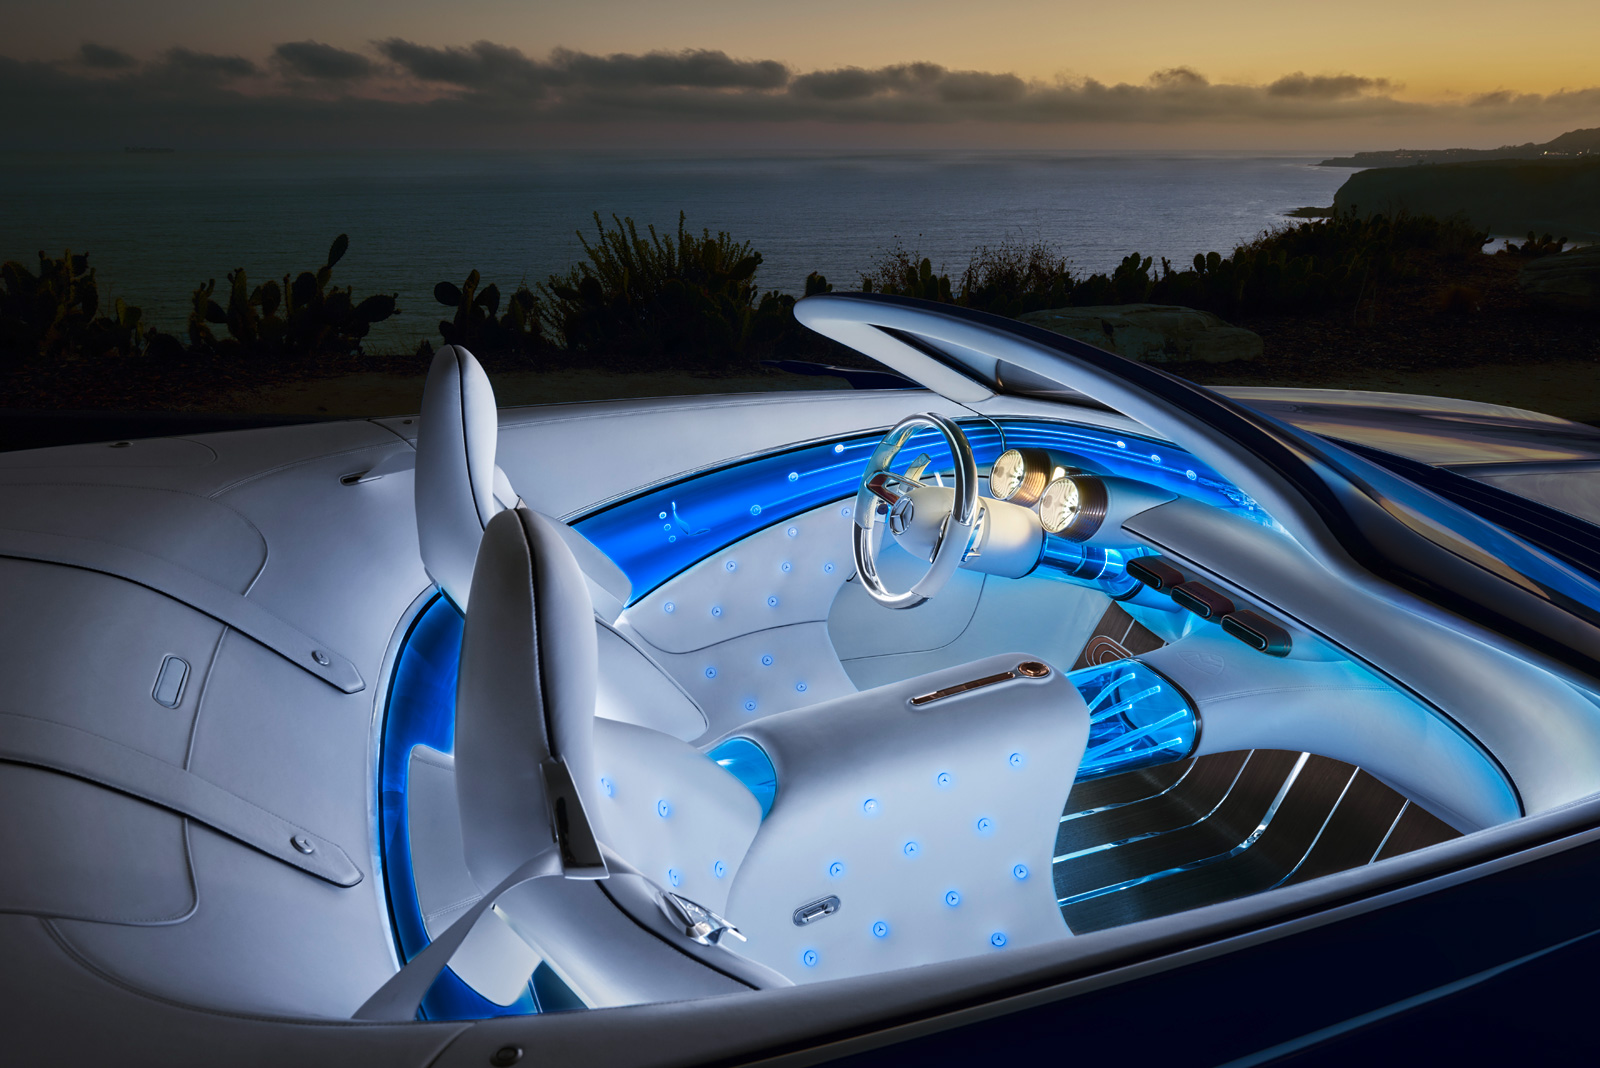 لوکسترین خودروی بدون سقف جهان / مرسدس میباخ ویژن 6